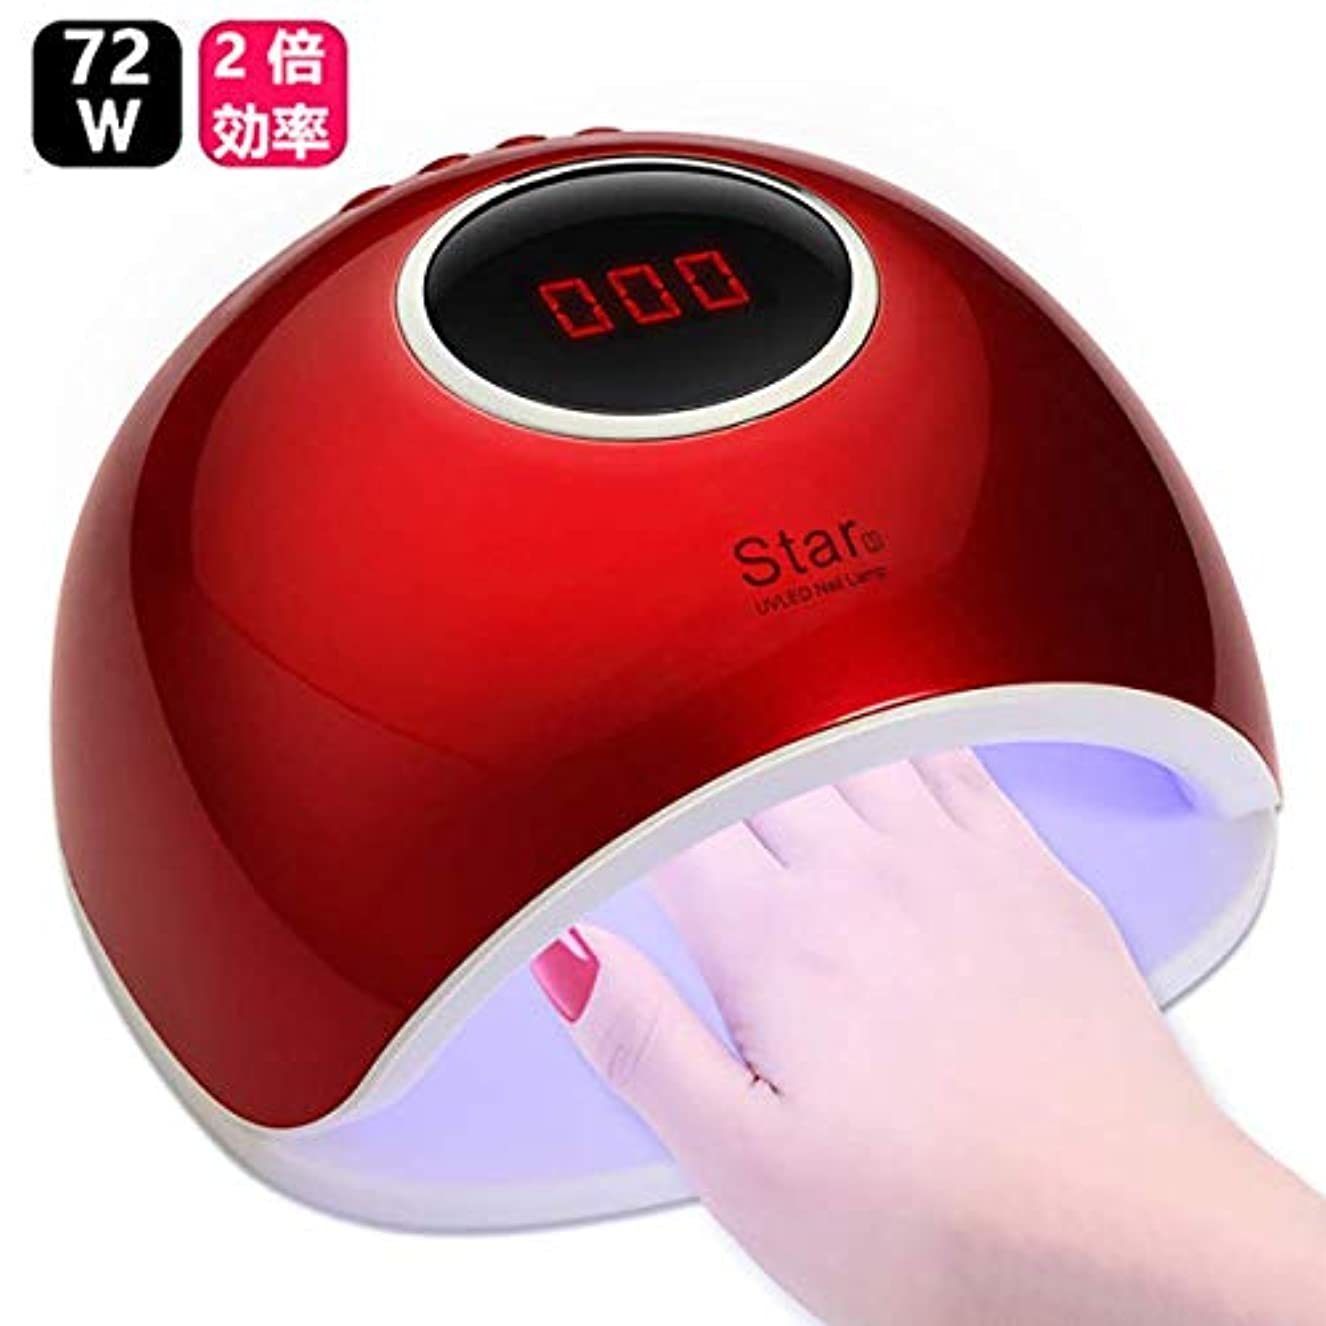 業界正確スツールUV LEDネイルドライヤー 赤外線検知 72W2倍の効率 赤外線美白機能付き マニキュア用 4段階タイマー設定可能 手足兼用 (レッド)